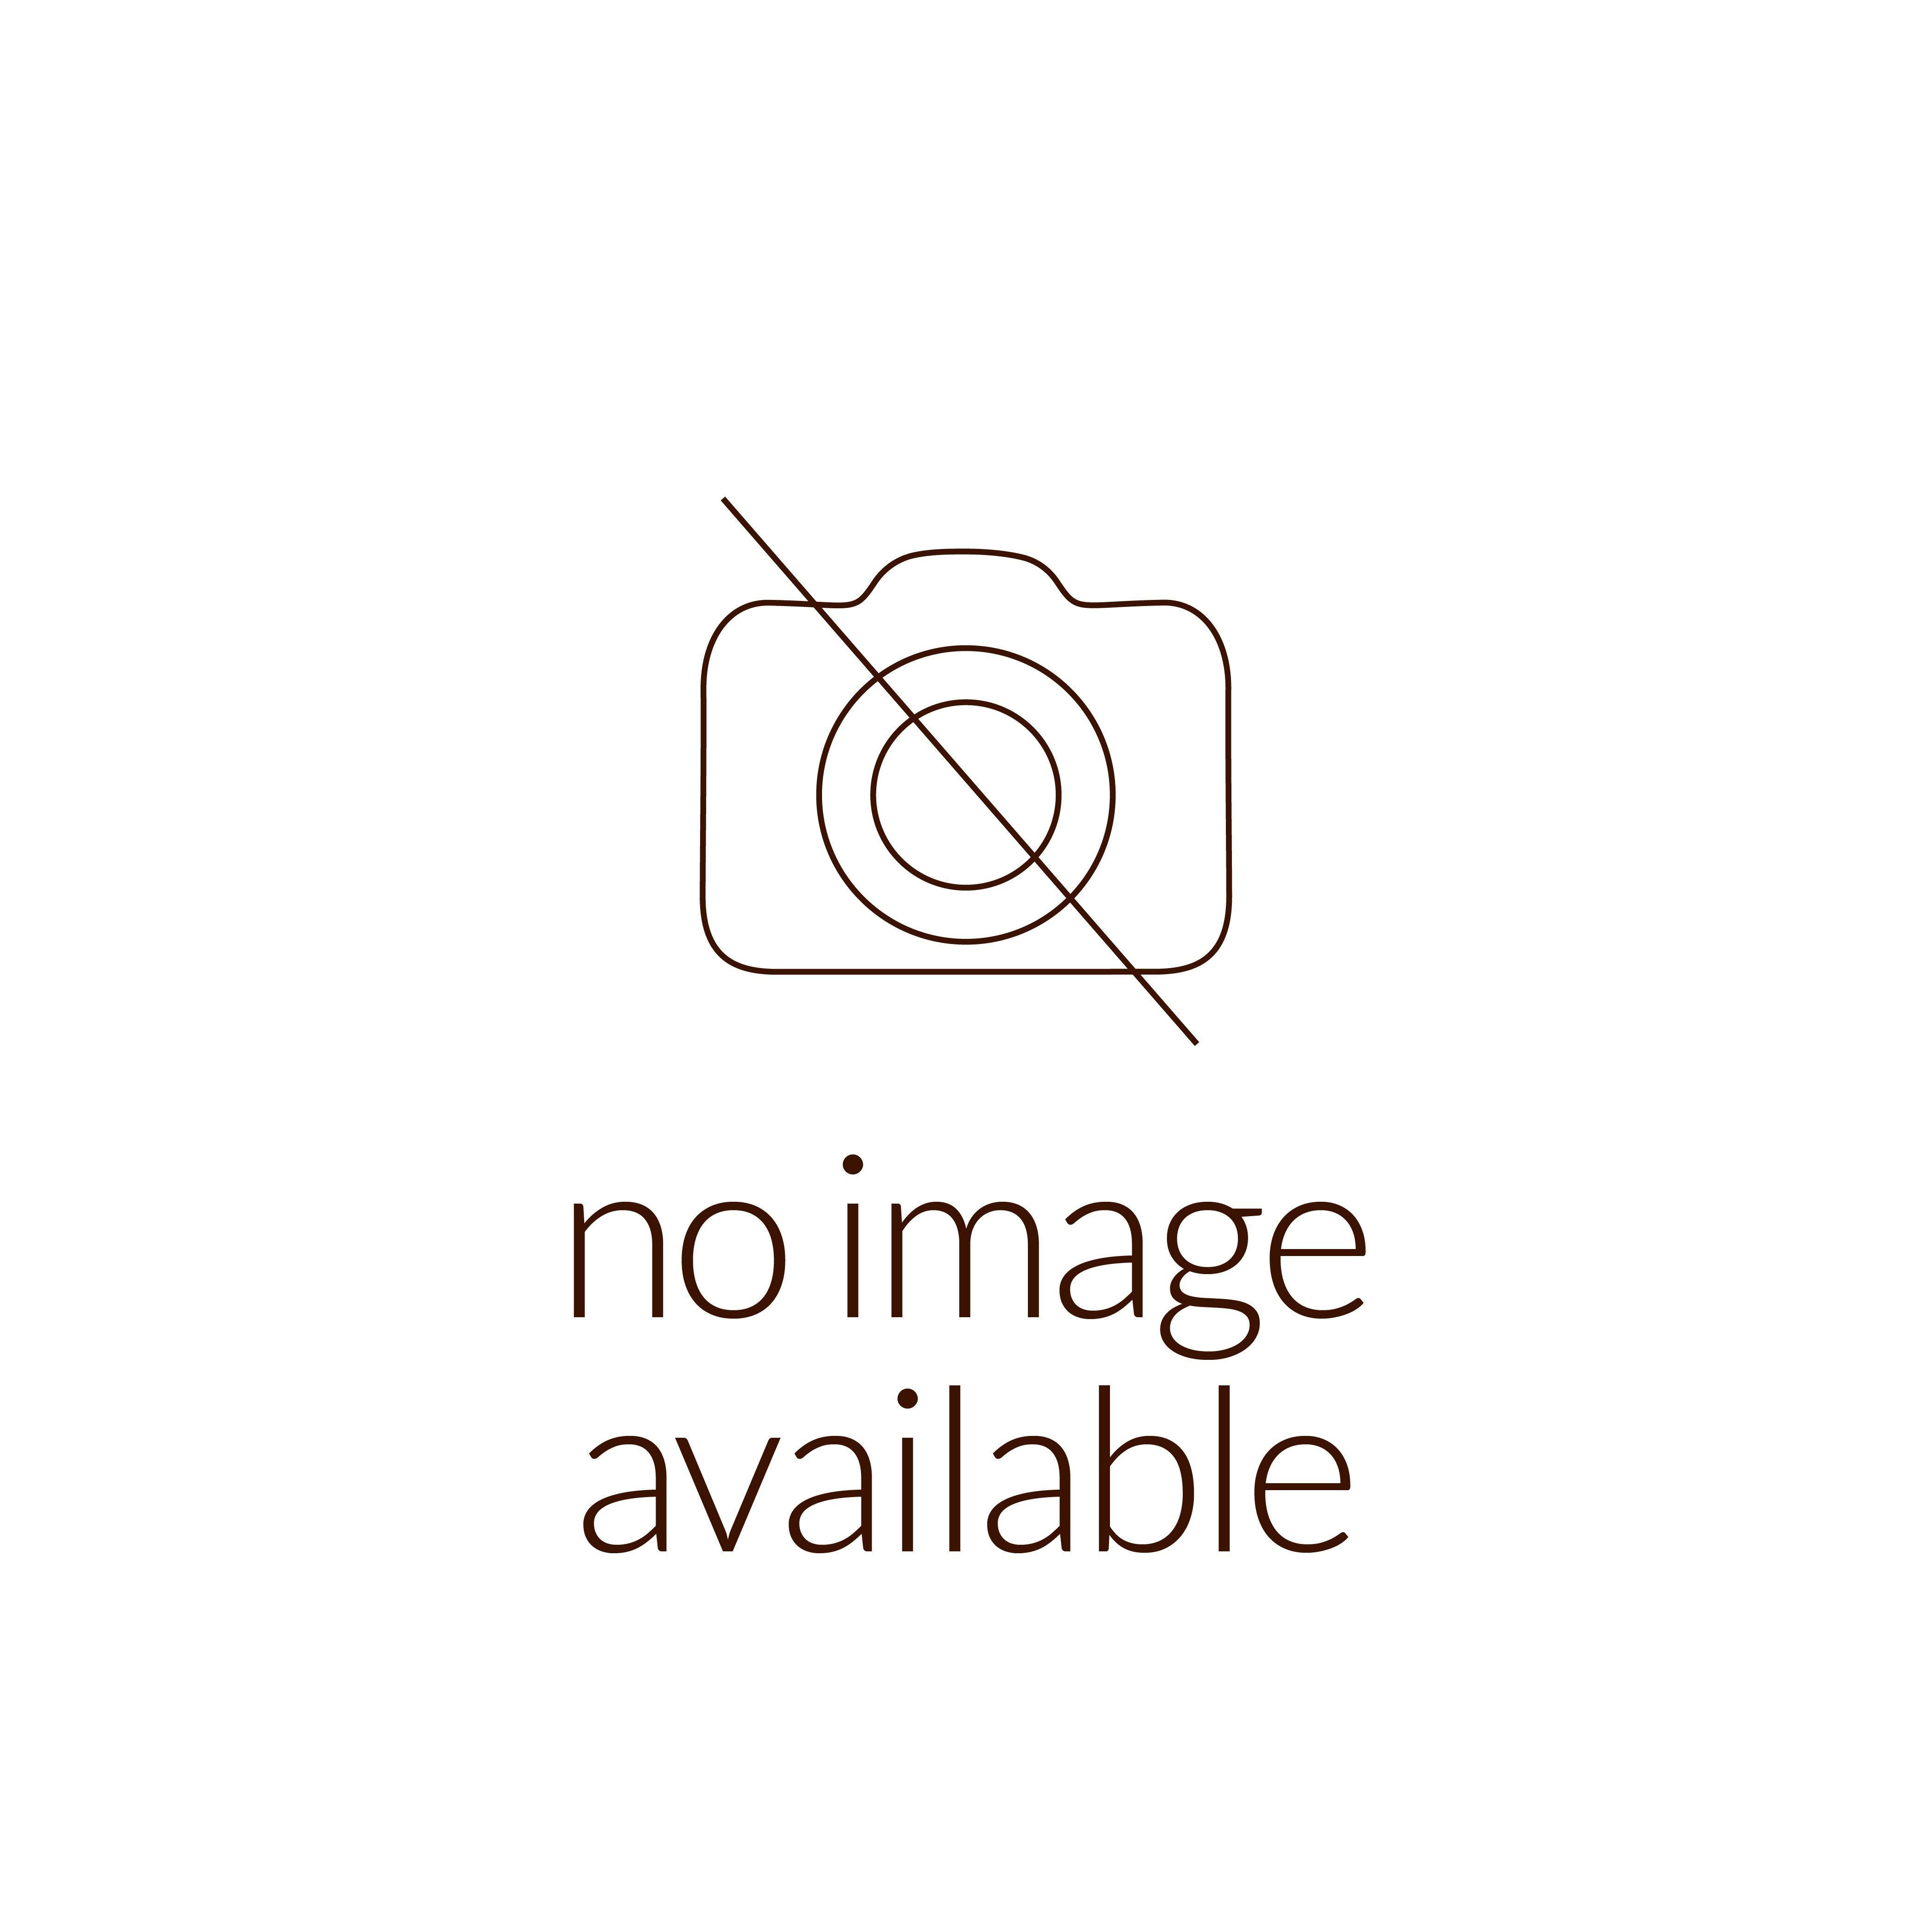 """הסכם שלום ישראל איחוד האמירויות, 1 אונקיה כסף/999, 38.7 מ""""מ"""